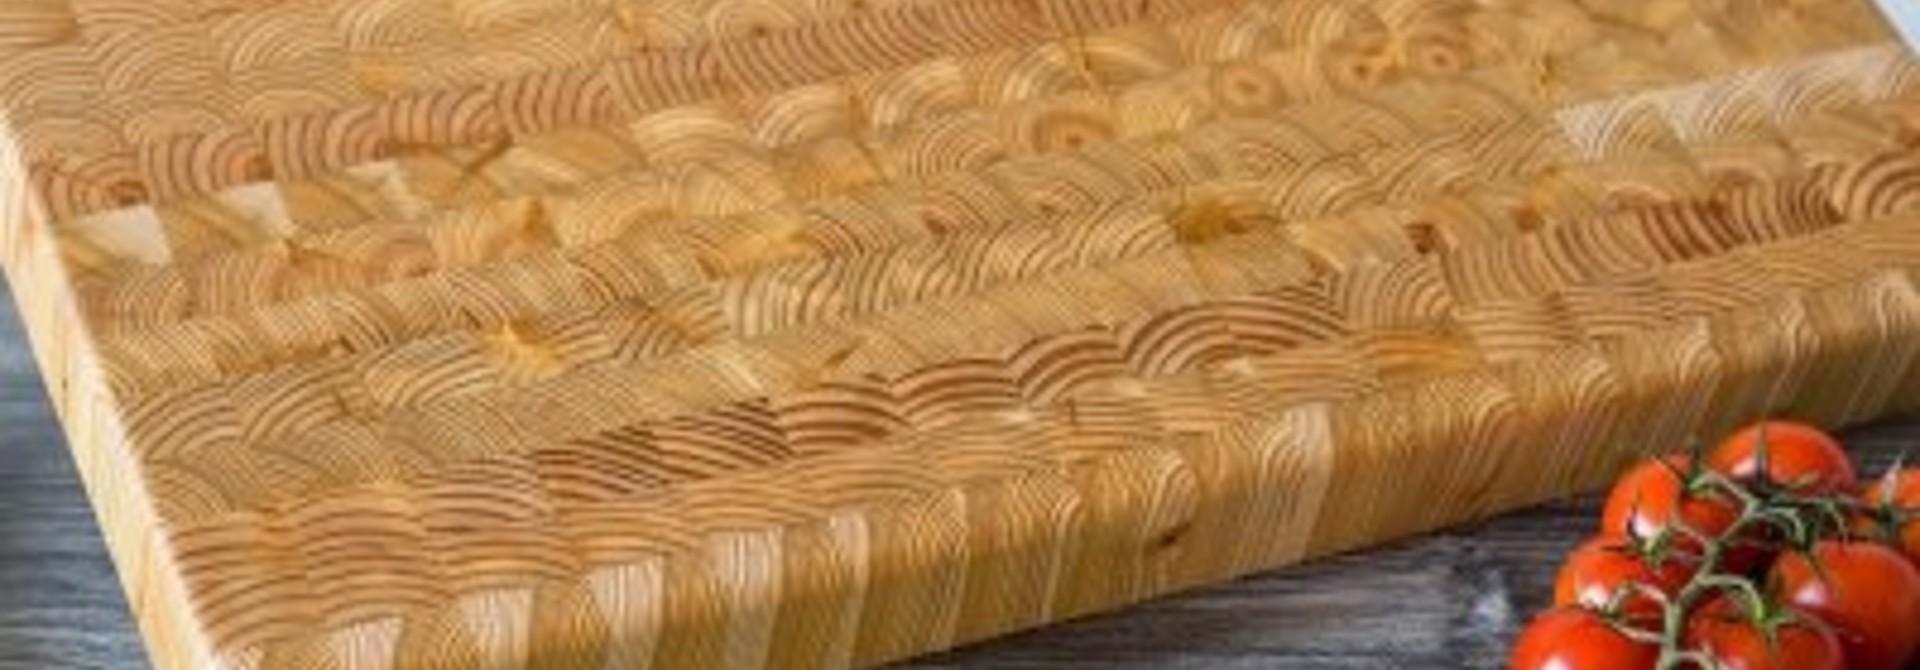 Cutting Board - Large